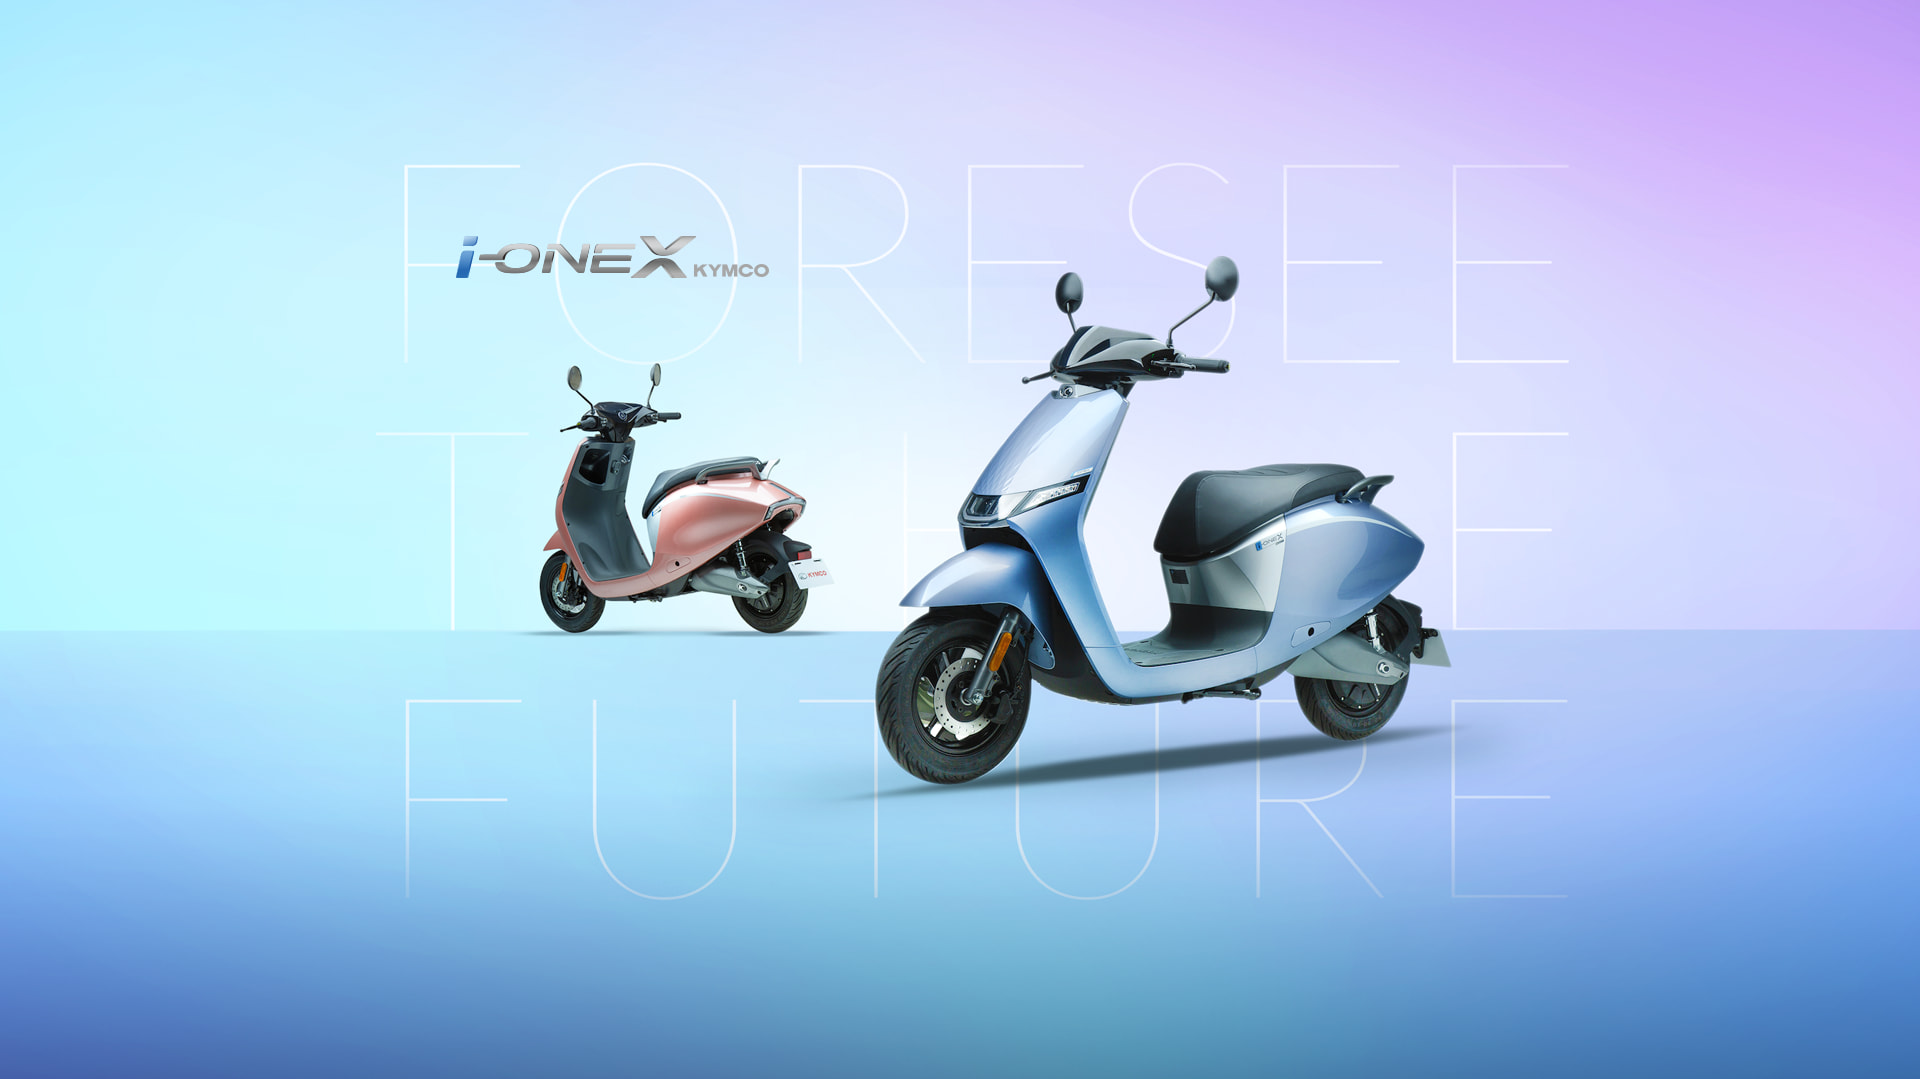 Kymco thương hiệu xe máy nổi tiếng trên toàn thế giới